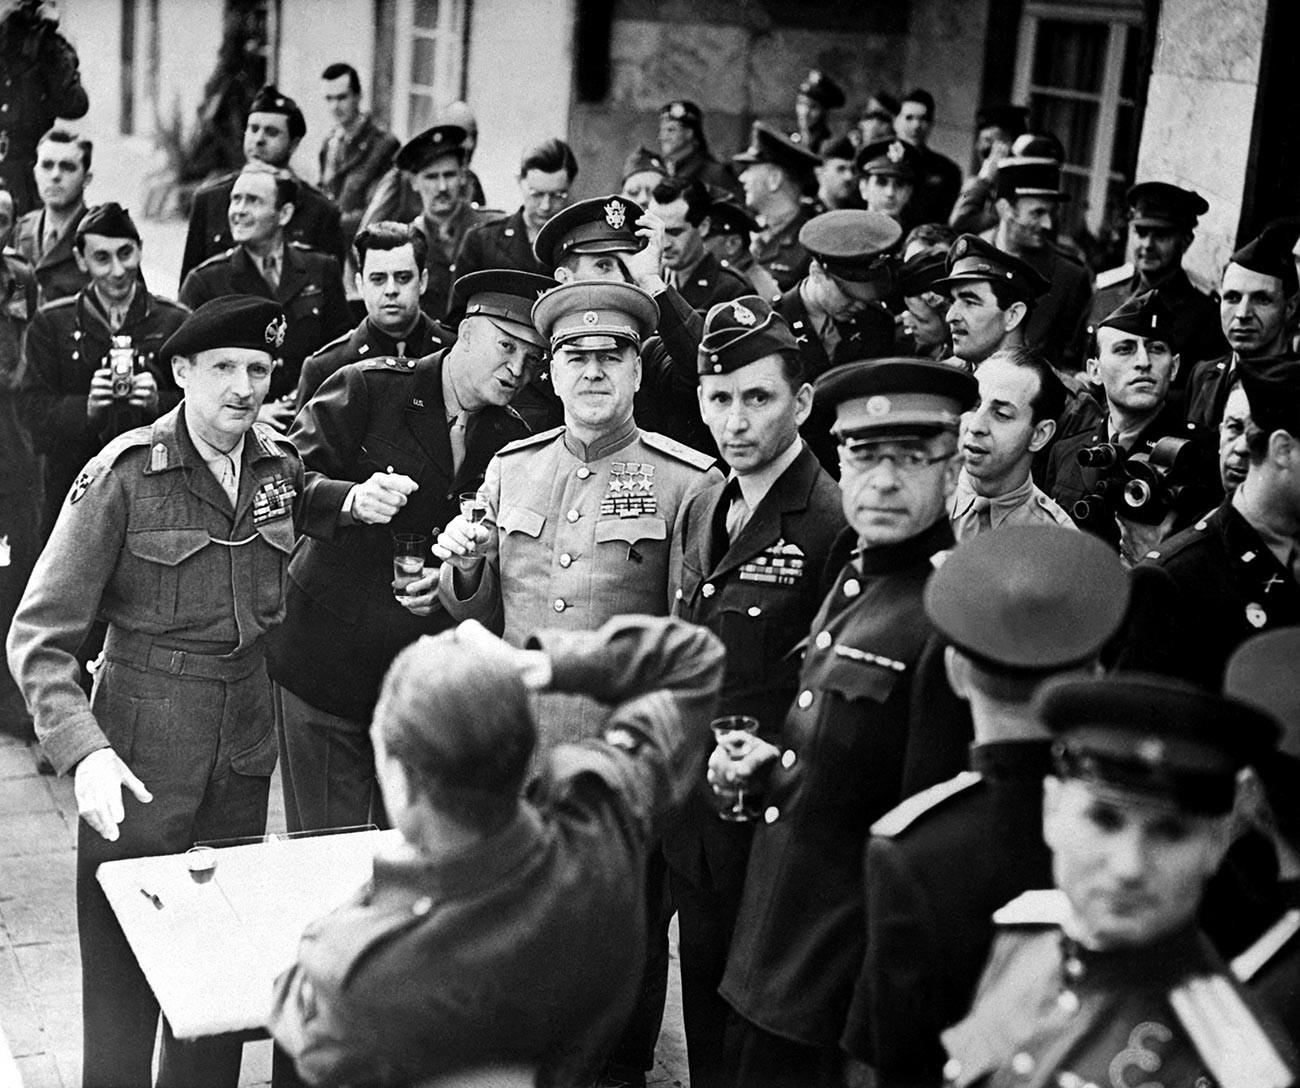 Le field marshal britannique Bernard Montgomery (à gauche, portant un béret), le général américain Dwight Eisenhower, le maréchal soviétique Gueorgui Joukov et le maréchal de l'air britannique Sir Arthur Tedder (à droite de Joukov)